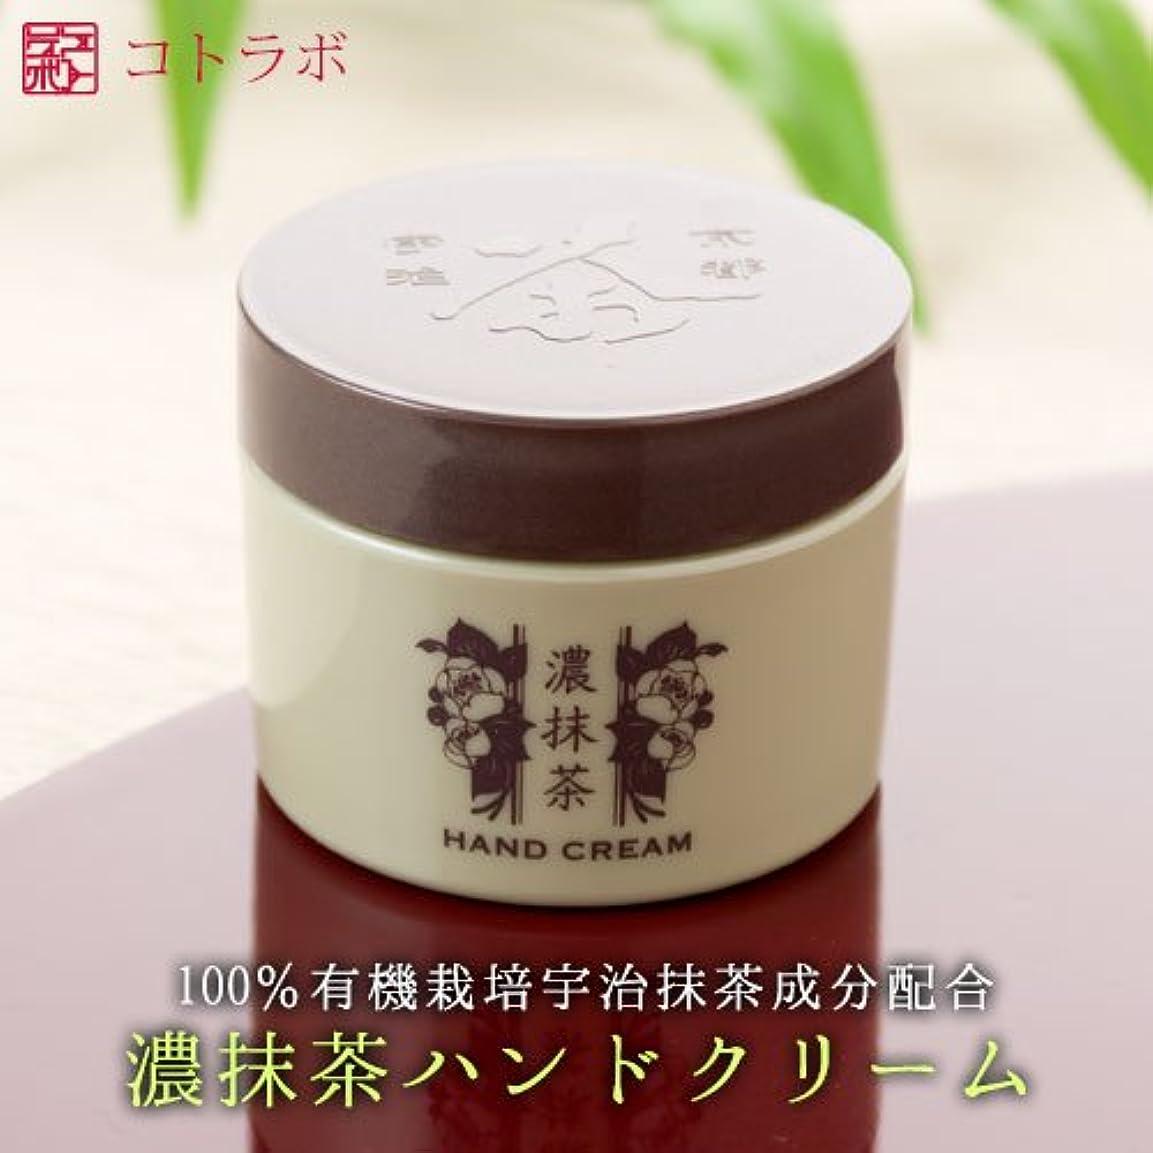 ルーキーアトラス五コトラボ 濃抹茶ハンドクリーム25g 京都産宇治抹茶パウダー配合 グリーンティーフローラルの香り 京都発のスキンケアクリーム Kyoto premium hand cream, Aroma of green tea floral